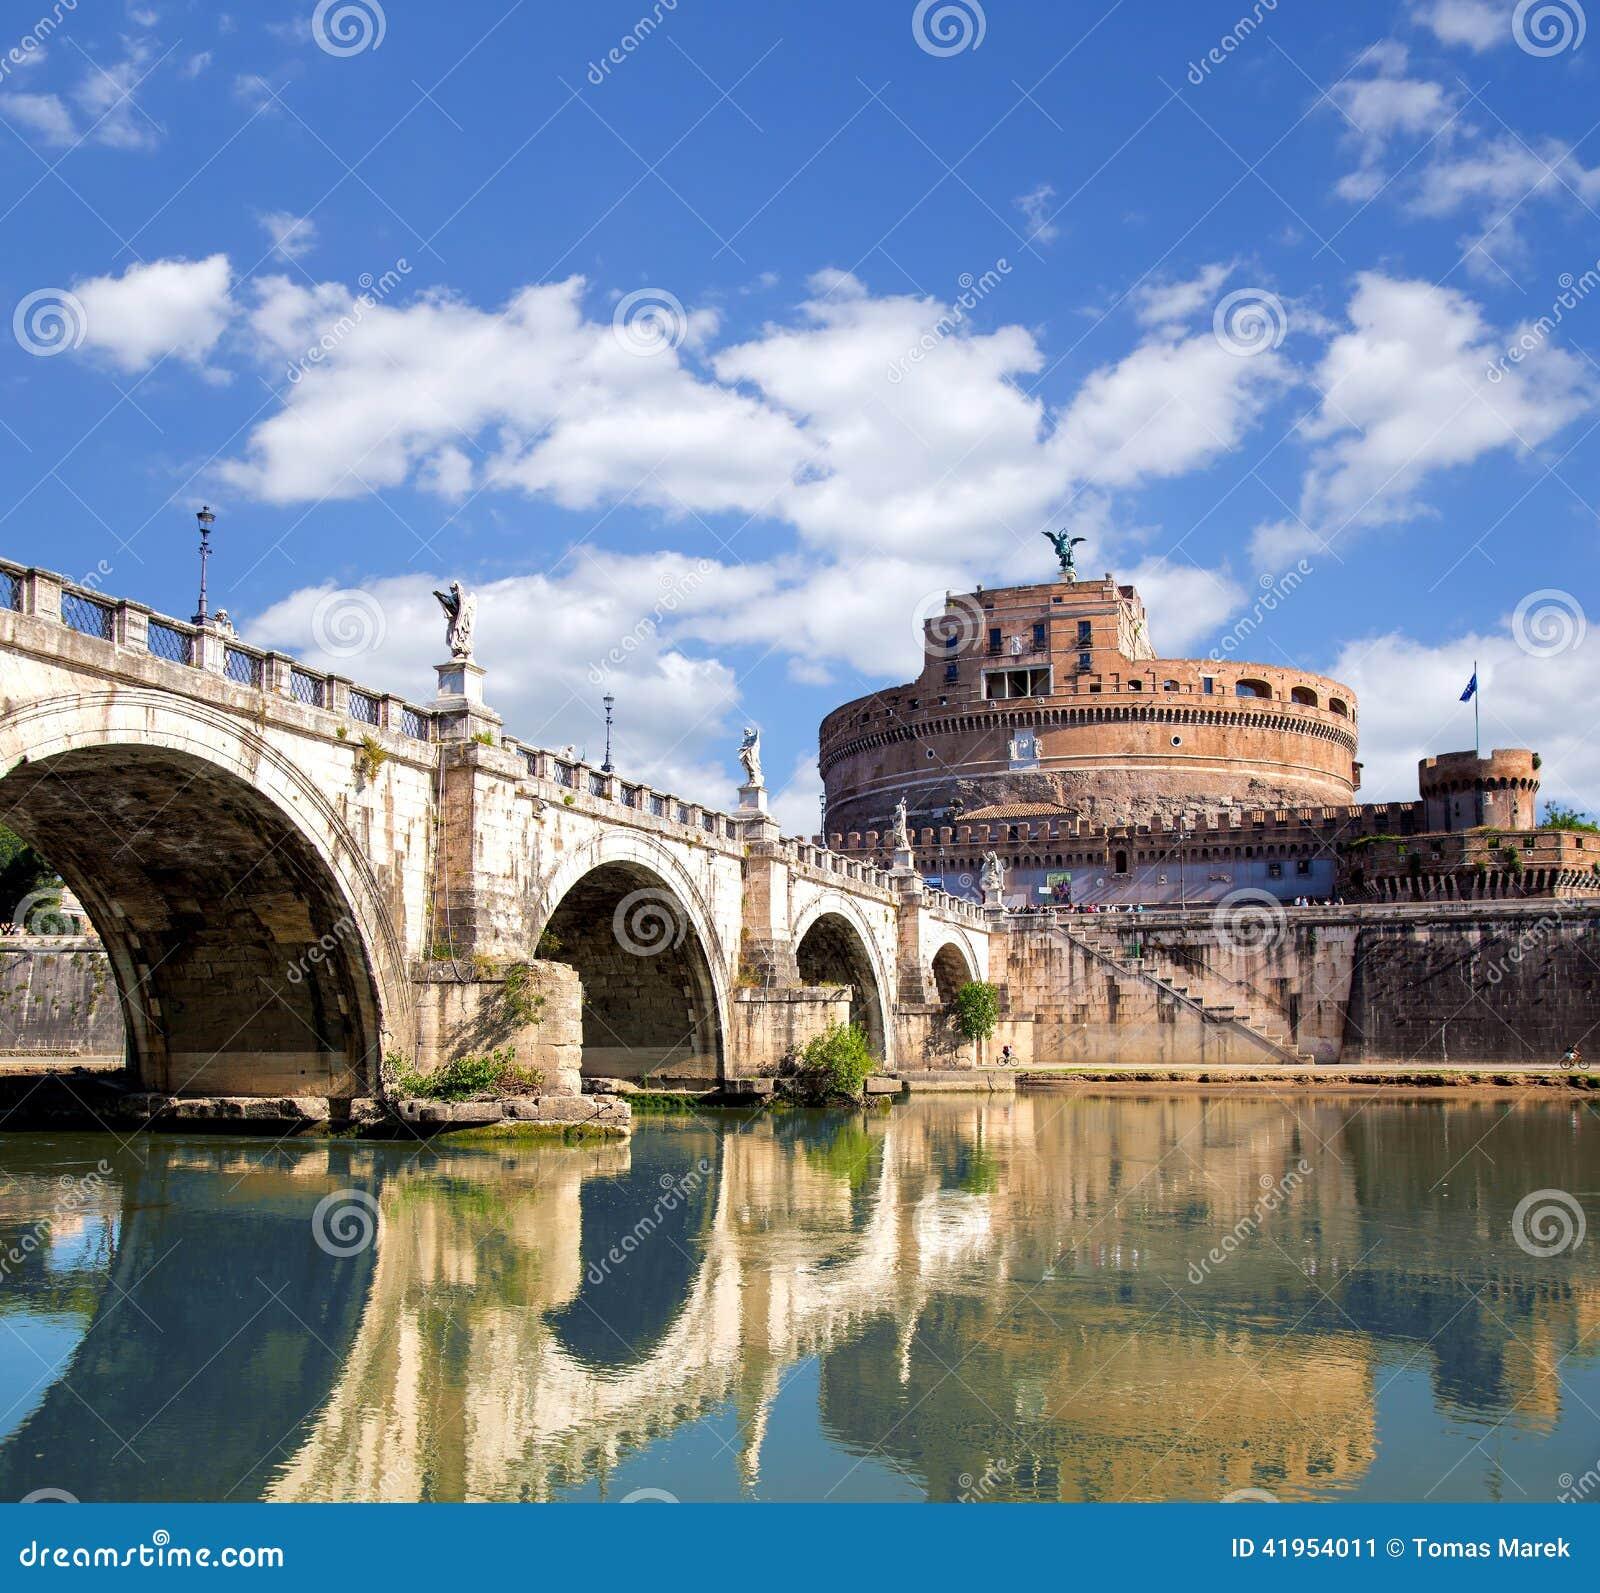 Anioła kasztel z mostem na Tiber rzece w Rzym, Włochy